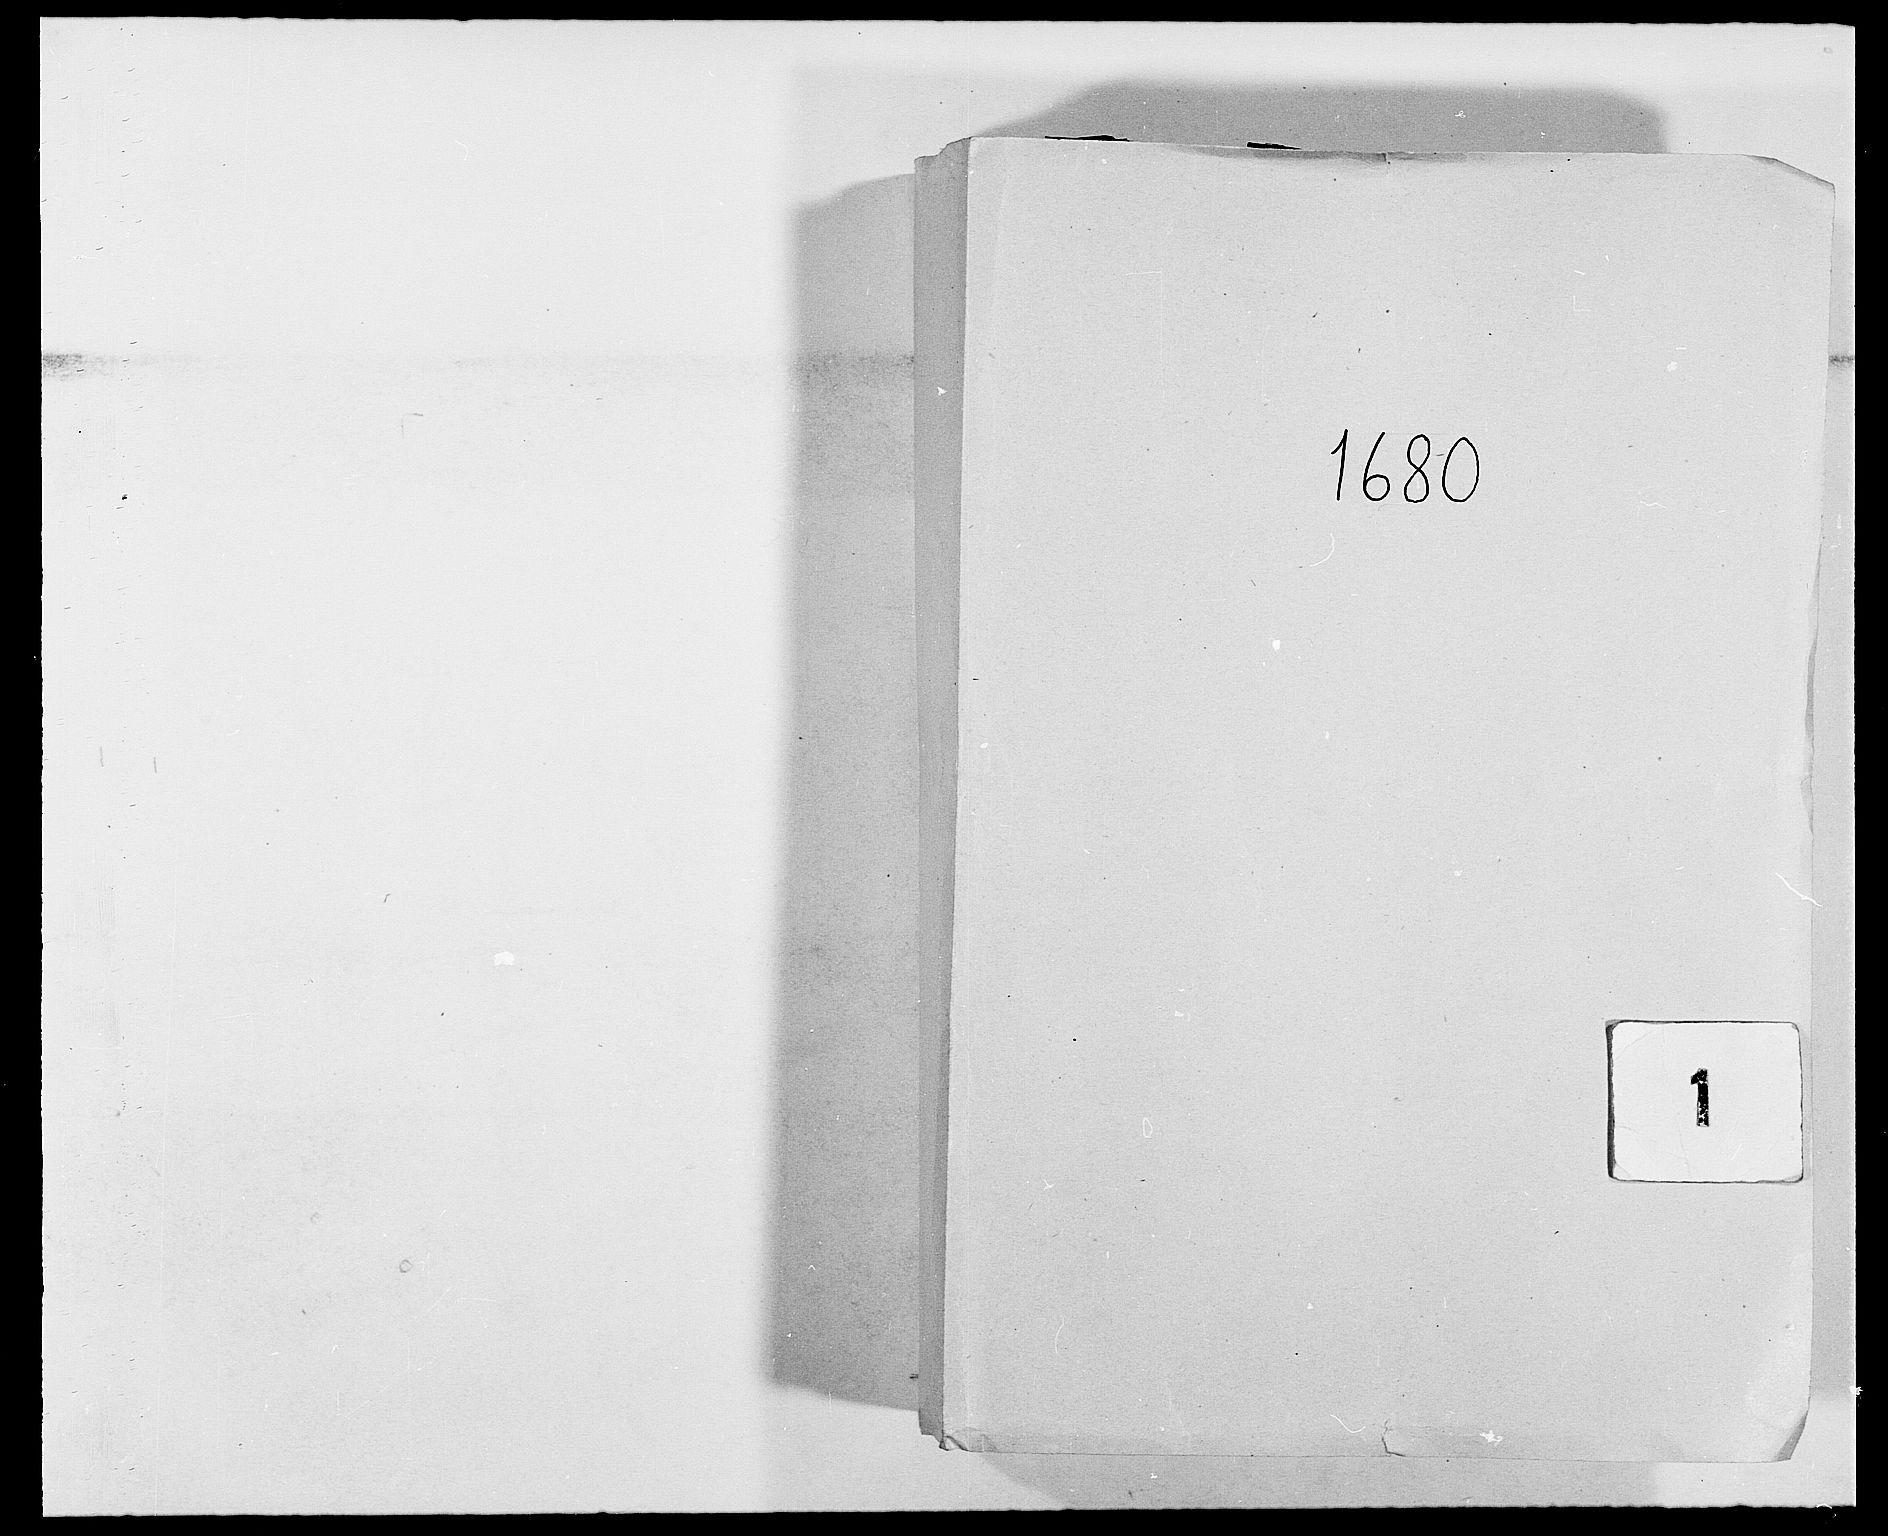 RA, Rentekammeret inntil 1814, Reviderte regnskaper, Fogderegnskap, R02/L0101: Fogderegnskap Moss og Verne kloster, 1680, s. 1